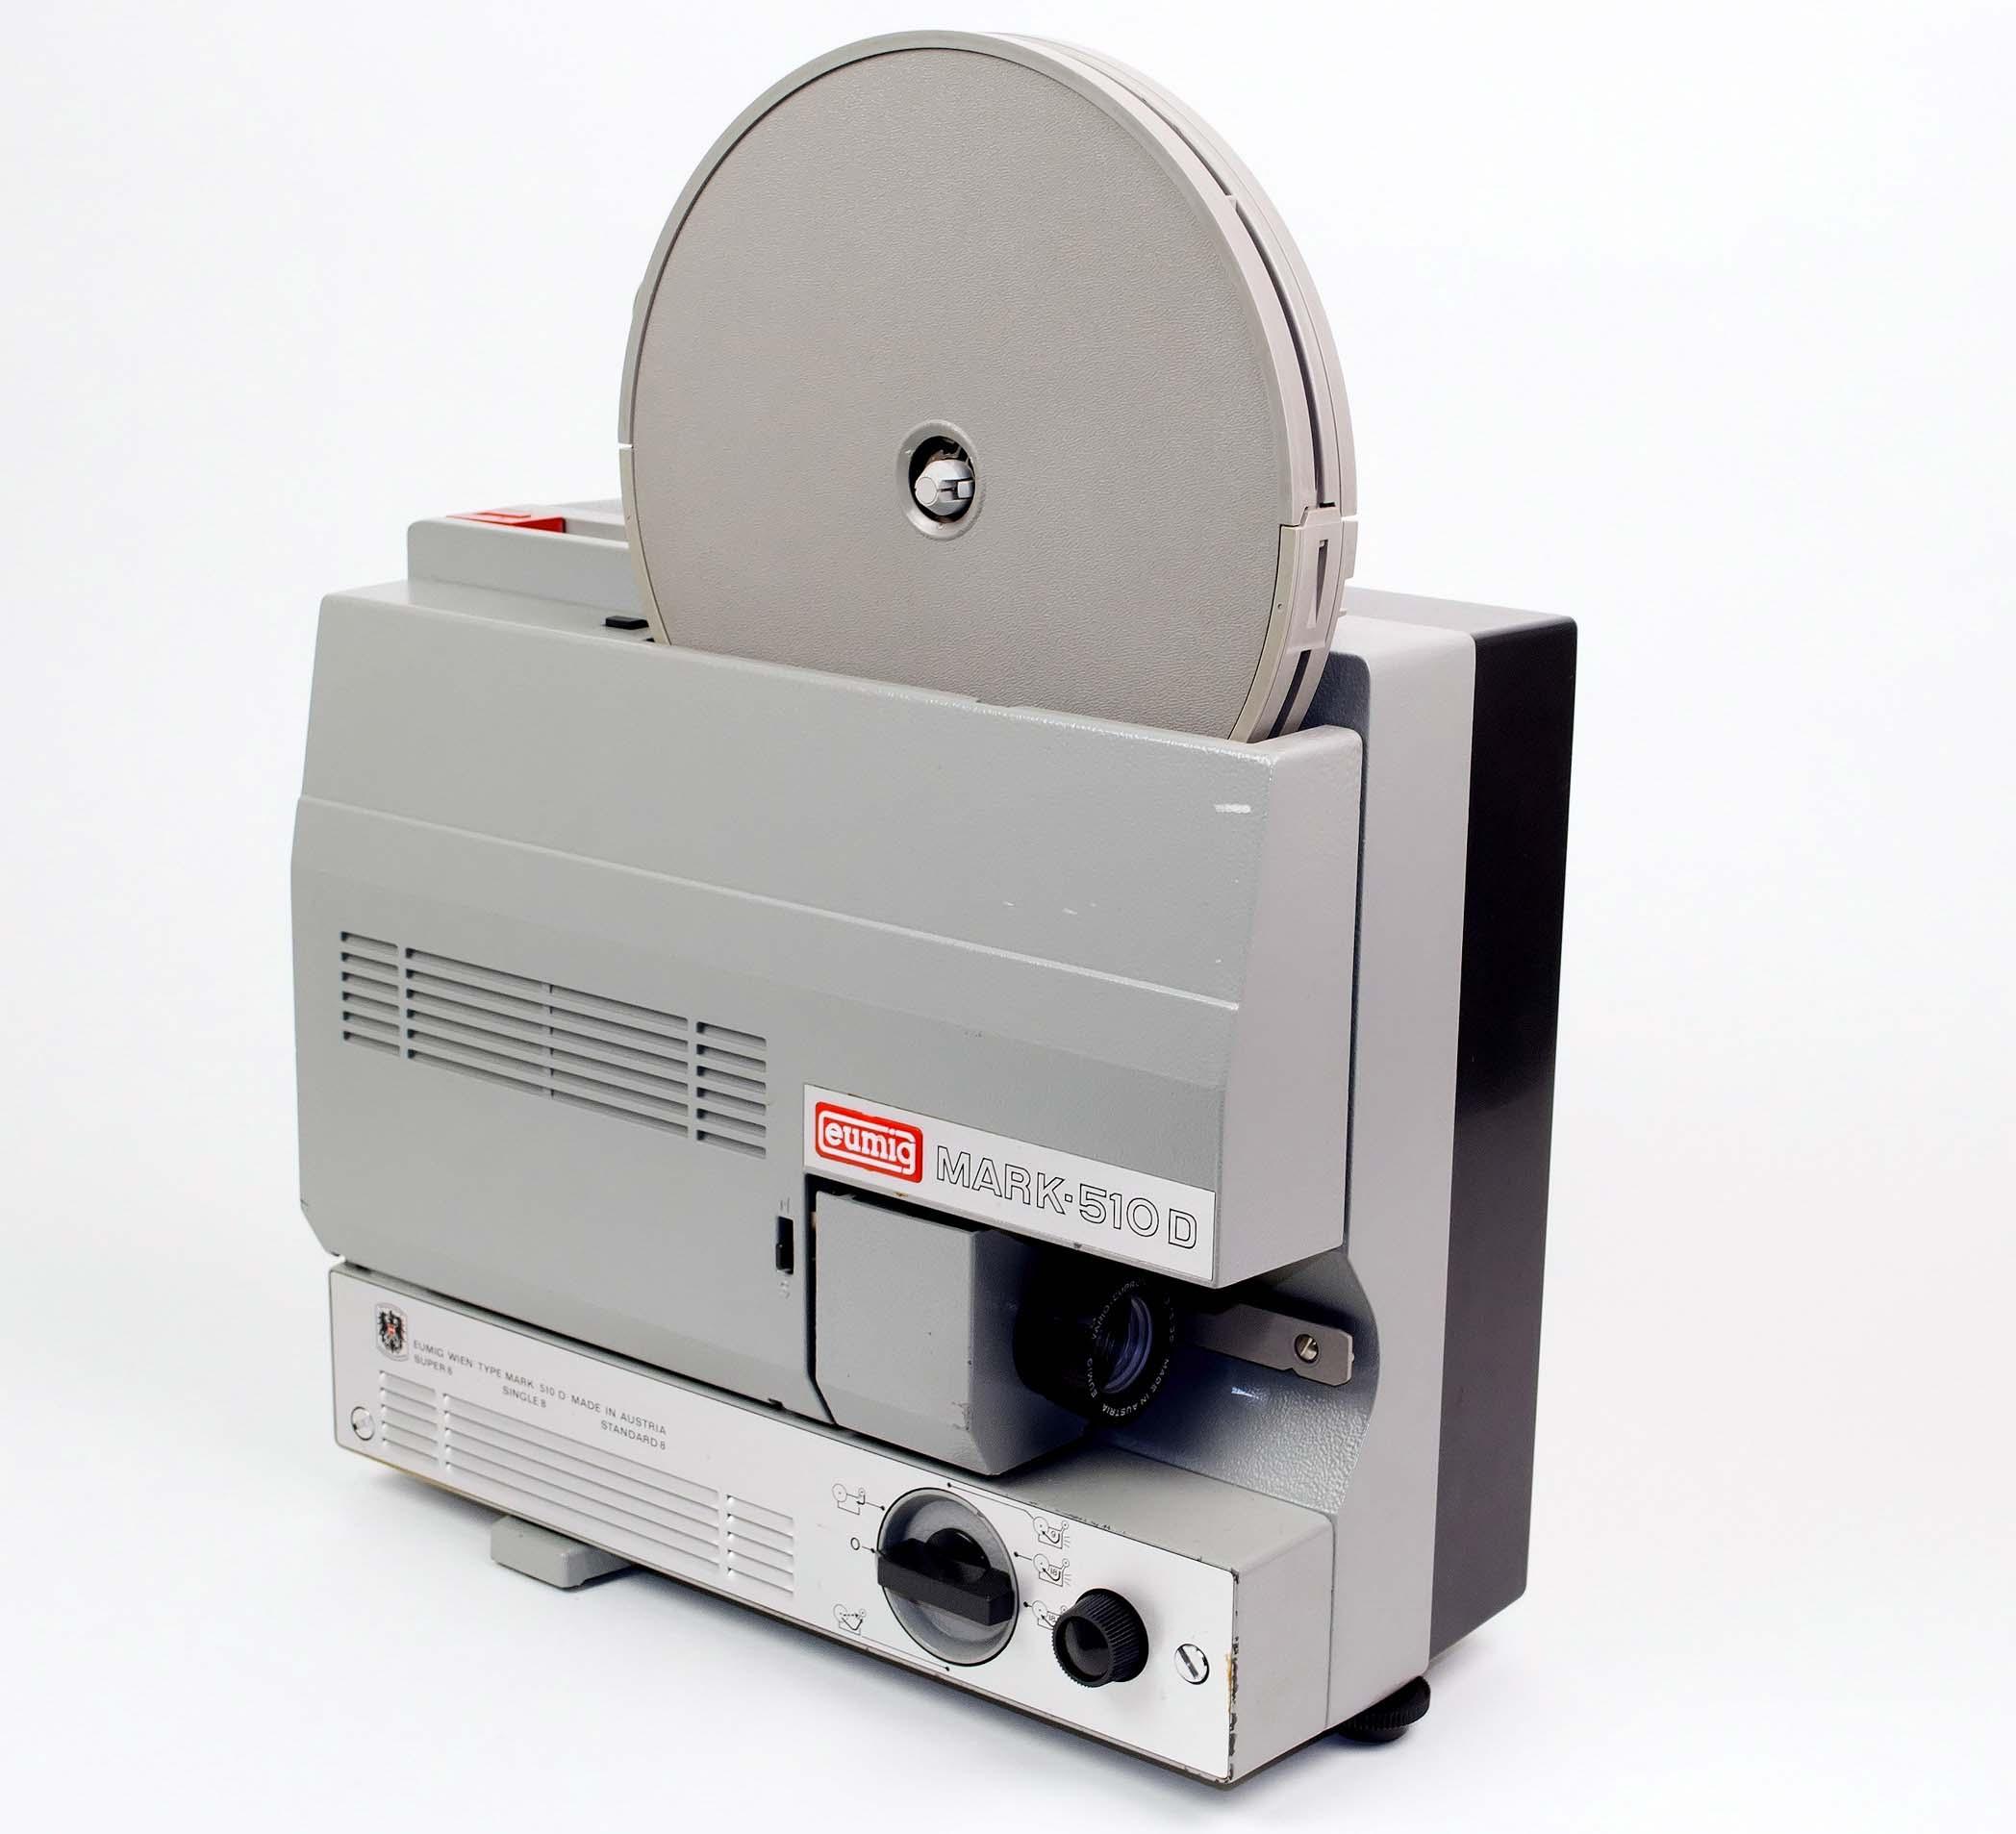 eumig mark 510d filmprojectoren onderdelen en informatie van eck video services. Black Bedroom Furniture Sets. Home Design Ideas